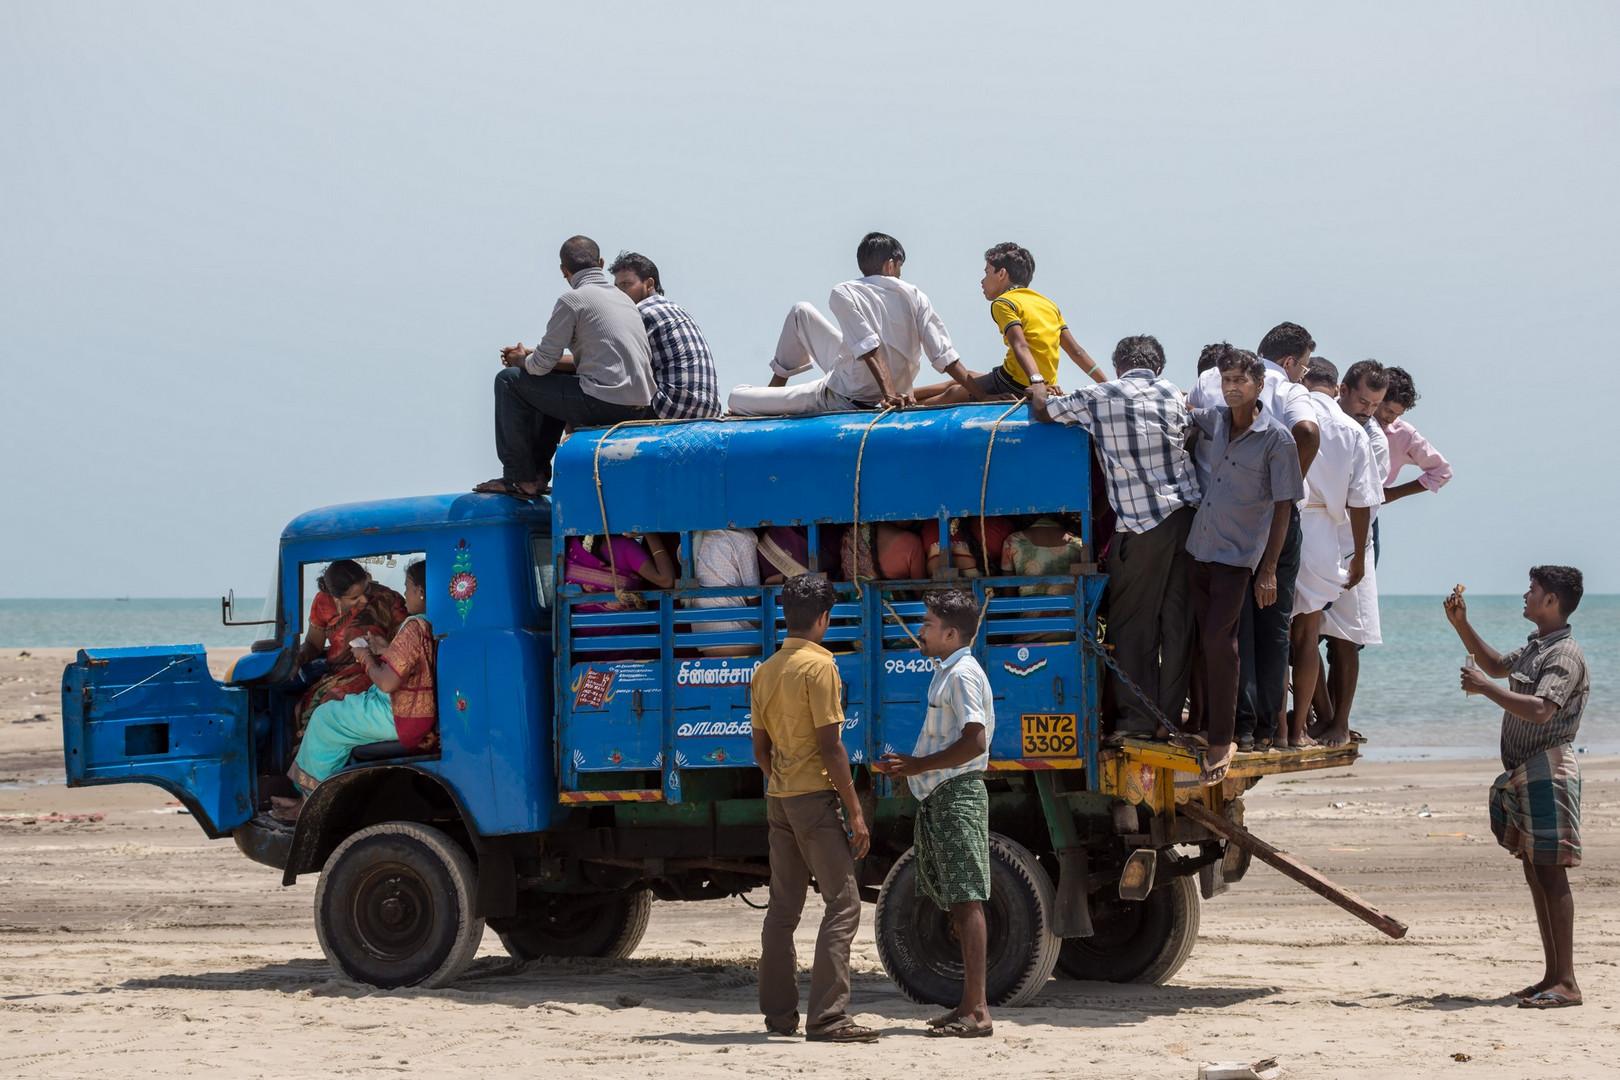 Danushkodi, pointe sud d' l'île de Rameswaram où les Indiens viennent ...